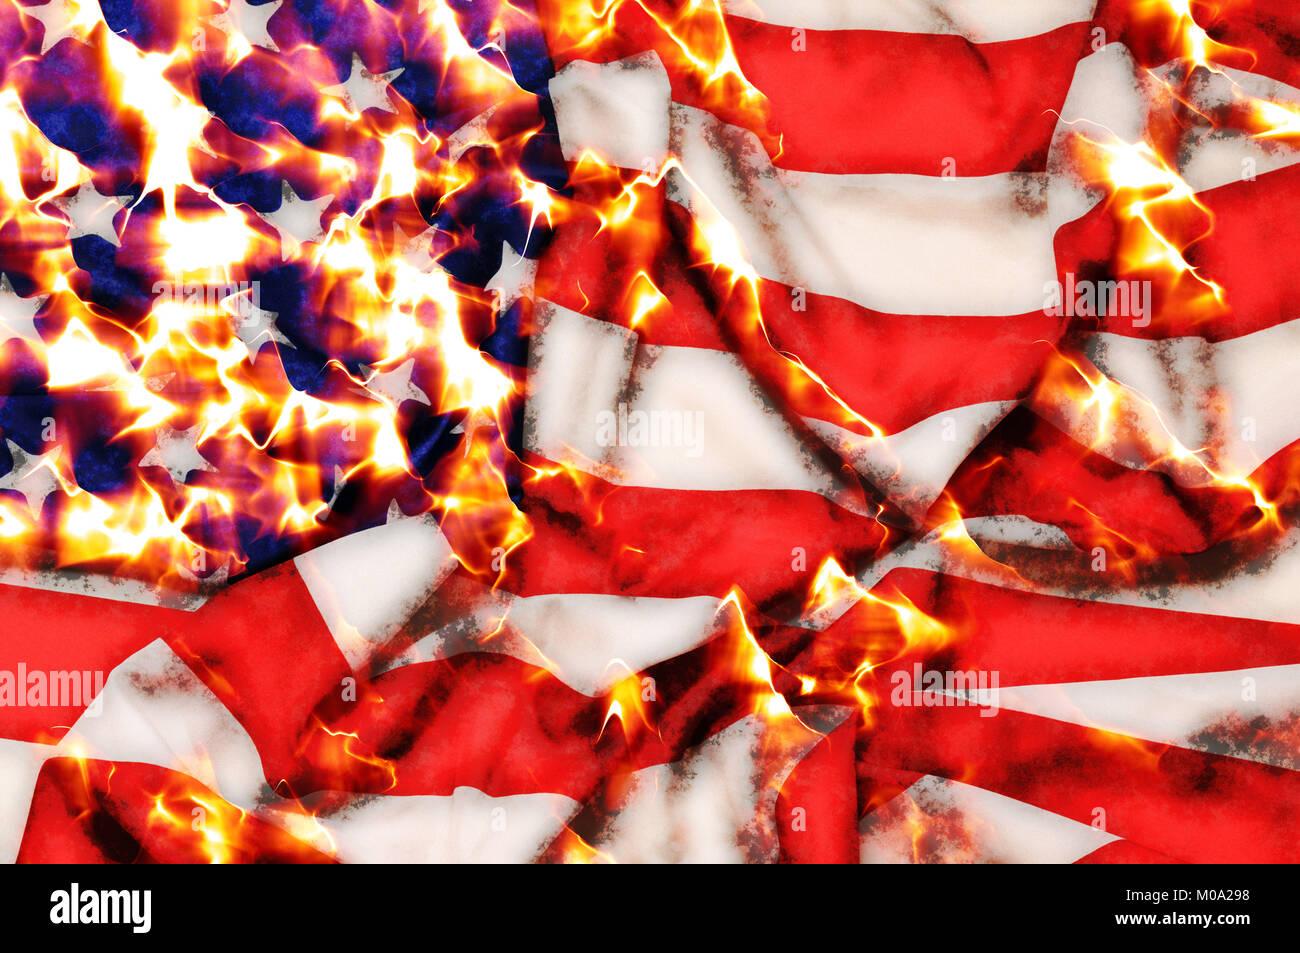 USA flag burning - Stock Image